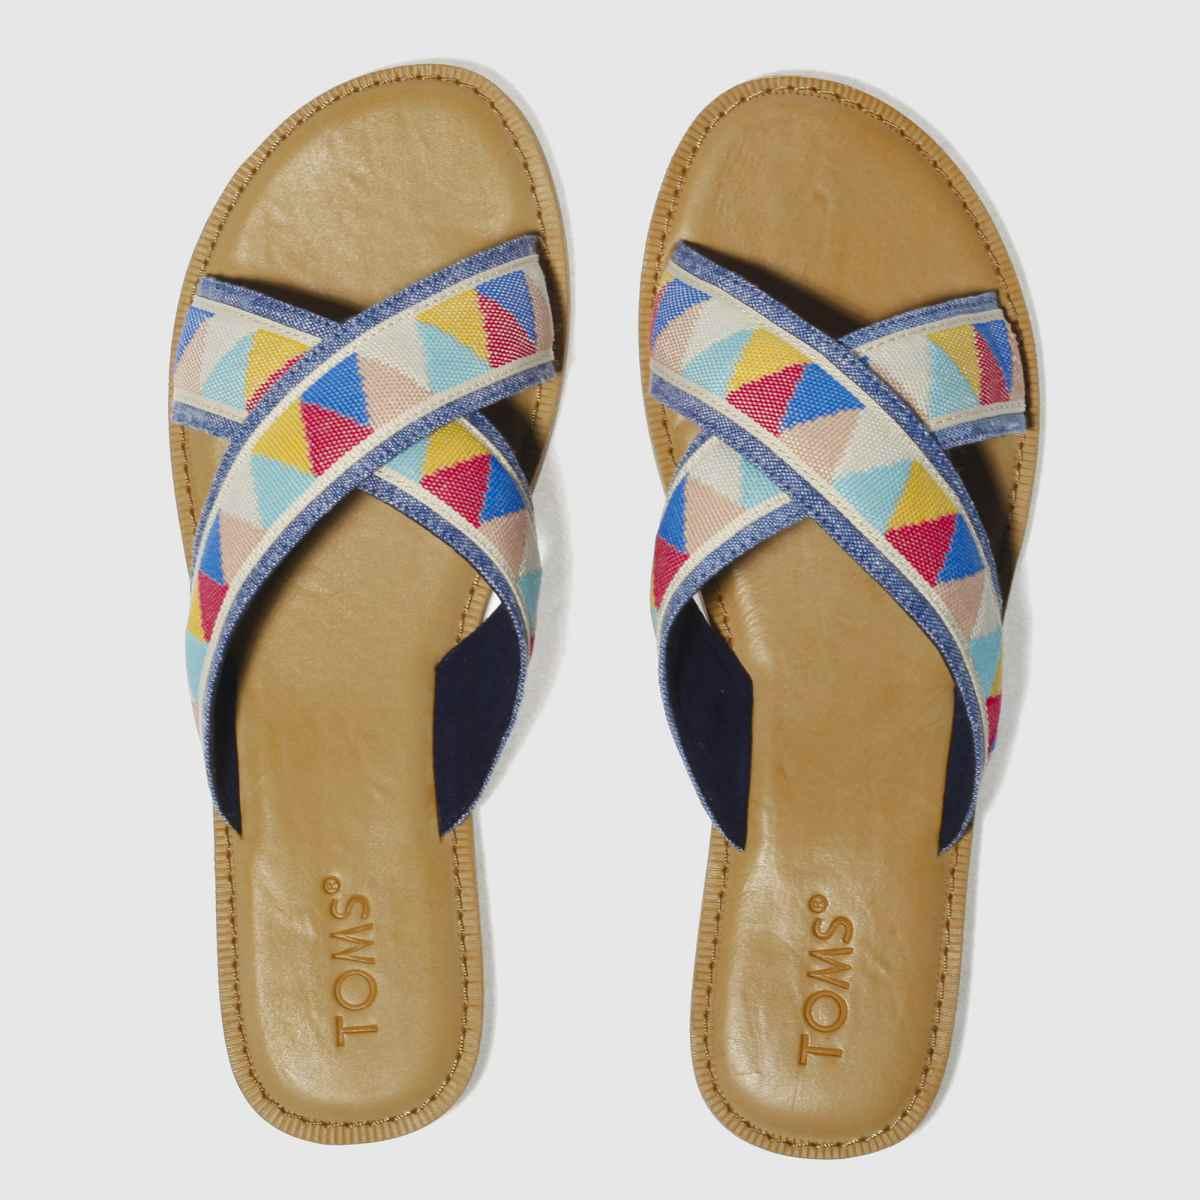 Toms Blue & Beige Viv Sandals